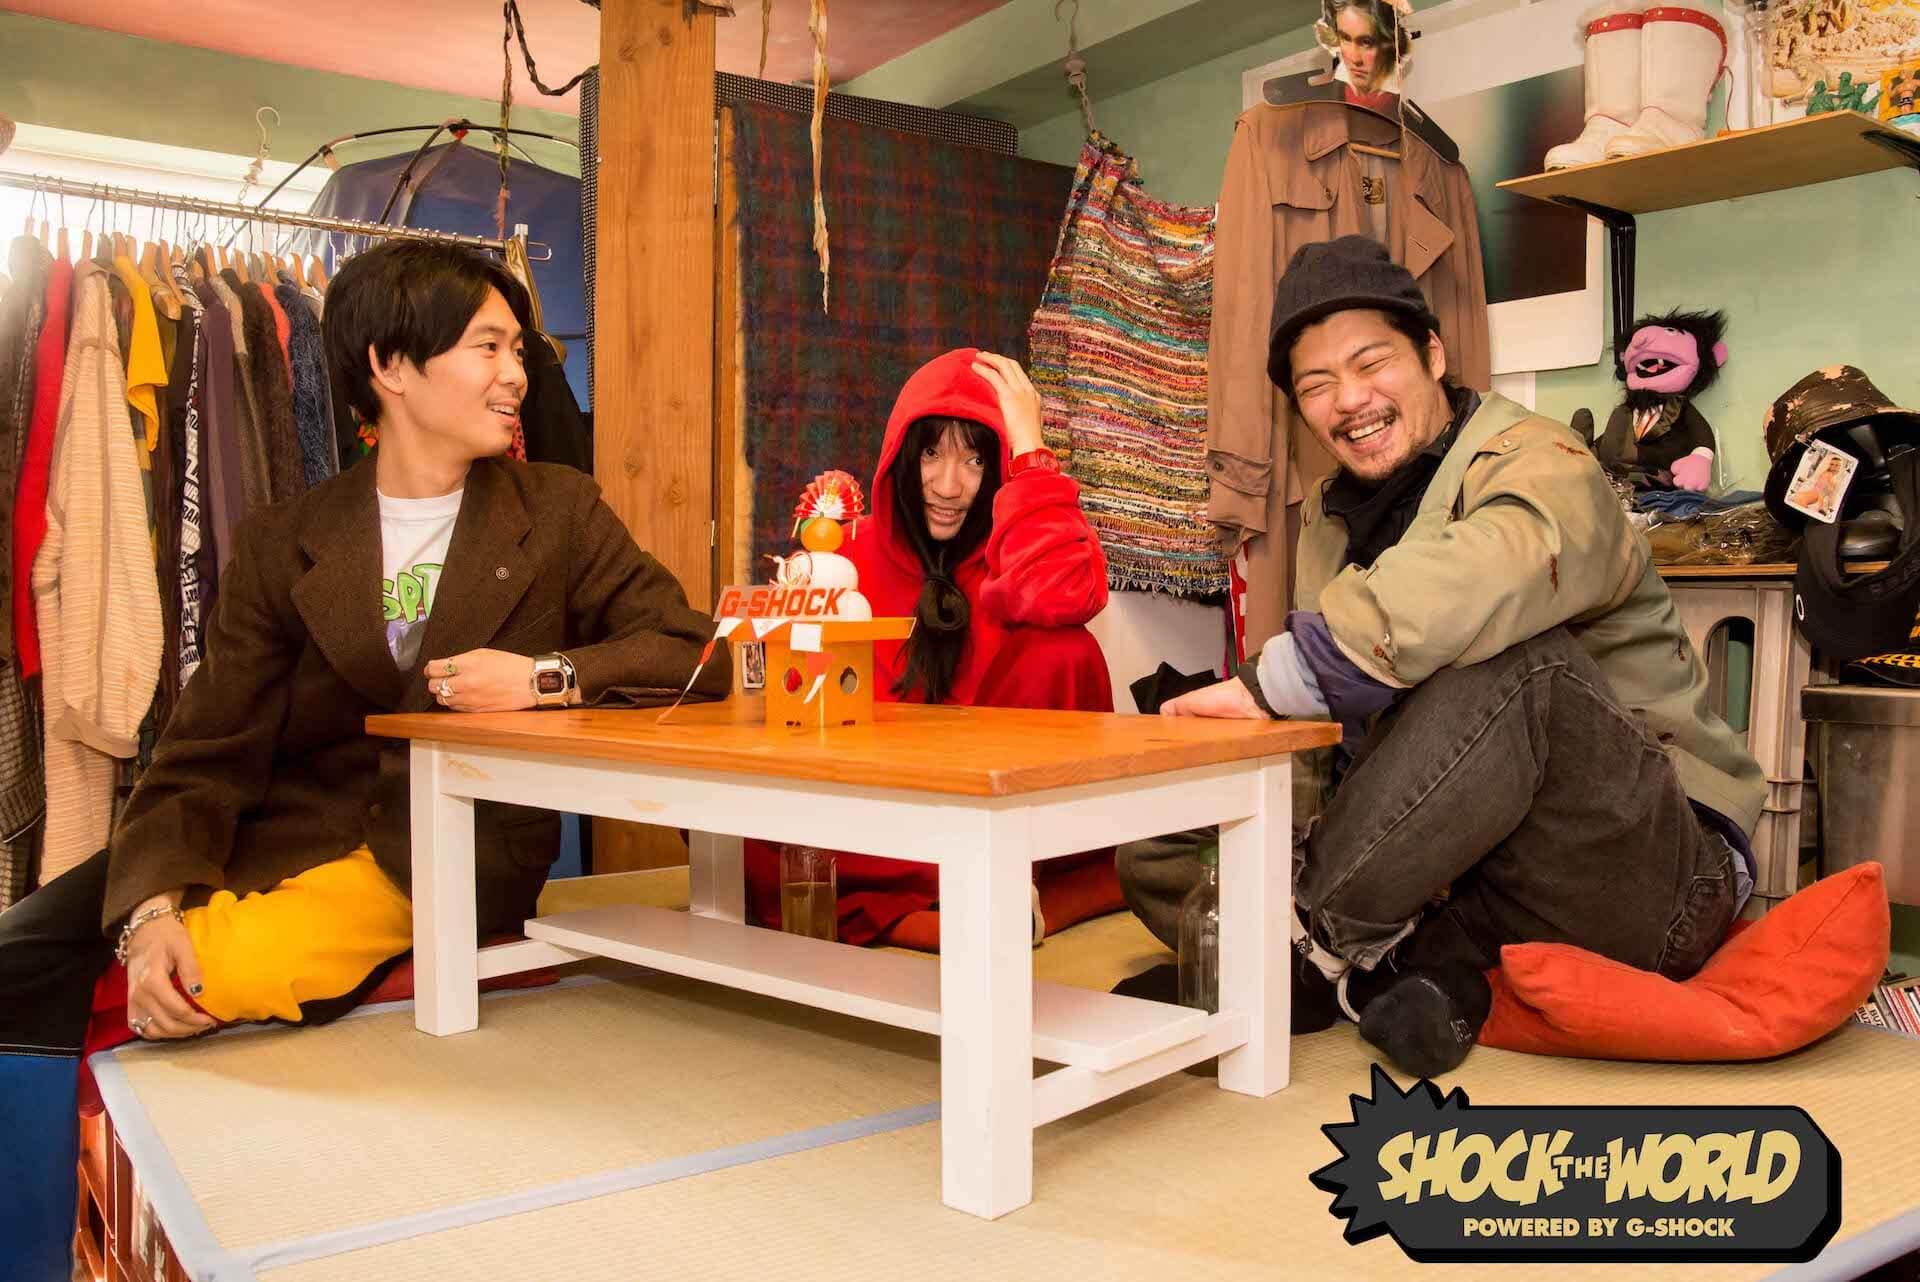 G-SHOCKが手がける新たな番組『SHOCK THE WORLD』がYouTubeで配信決定!第1弾にオカモトレイジ、マヒトゥ・ザ・ピーポー、奥冨直人が登場 life201228_shocktheworld_2